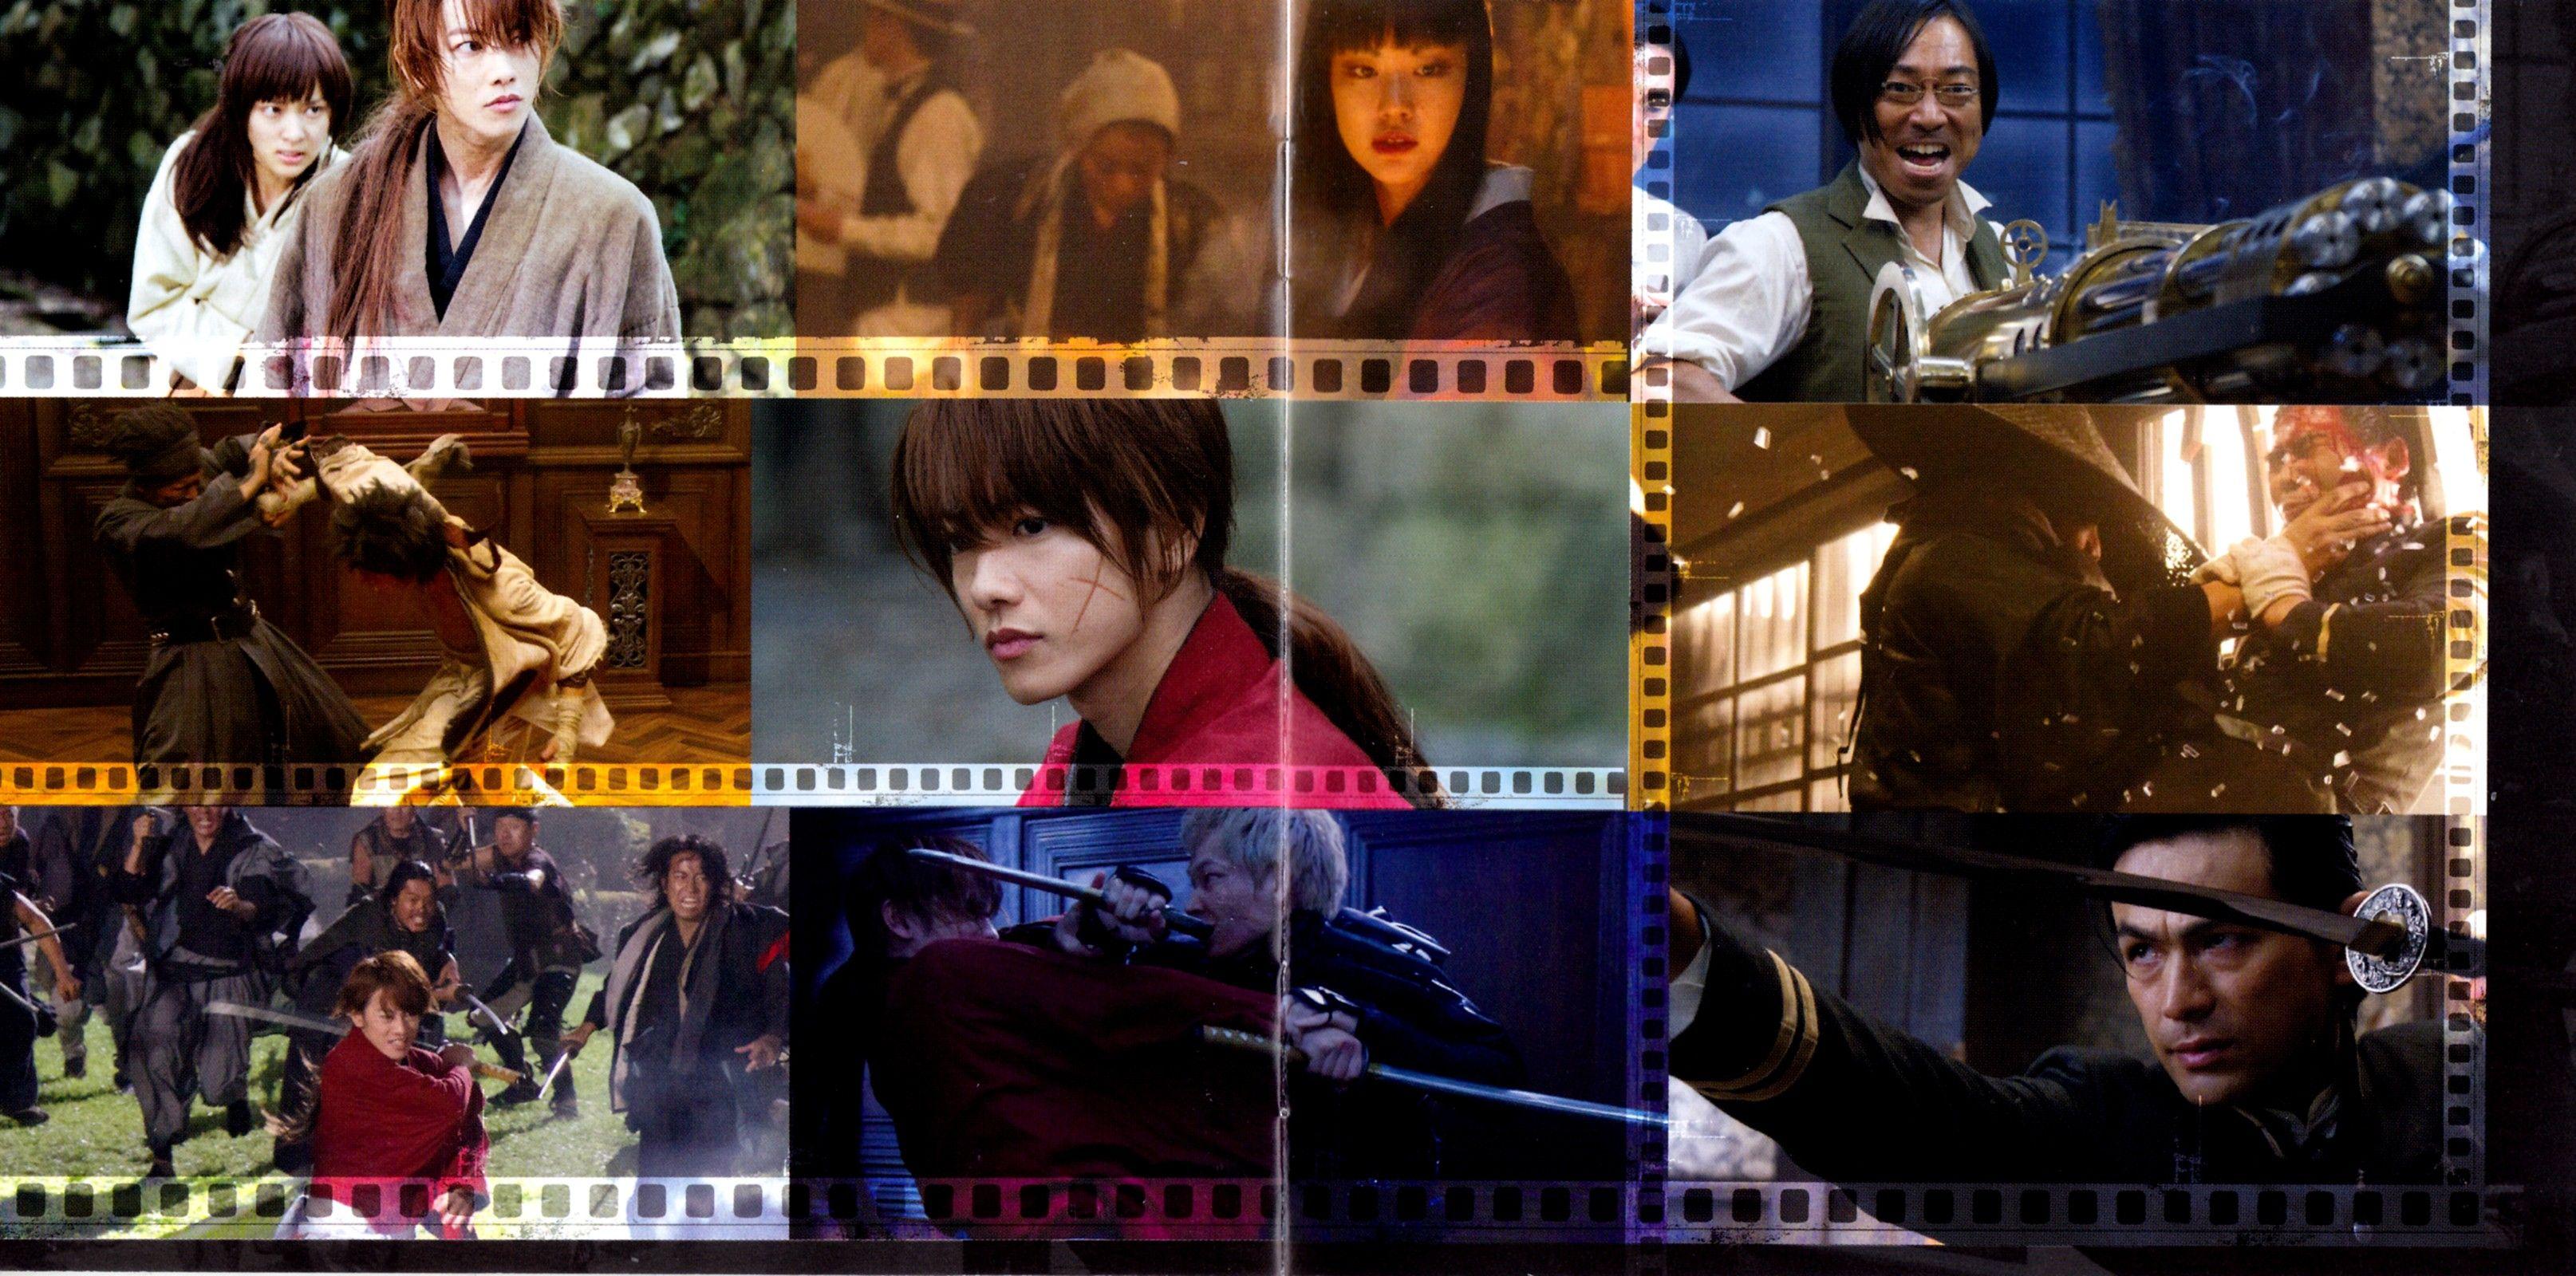 Rurouni Kenshin live action, Kenshin Himura, Kaour Kamiya ...